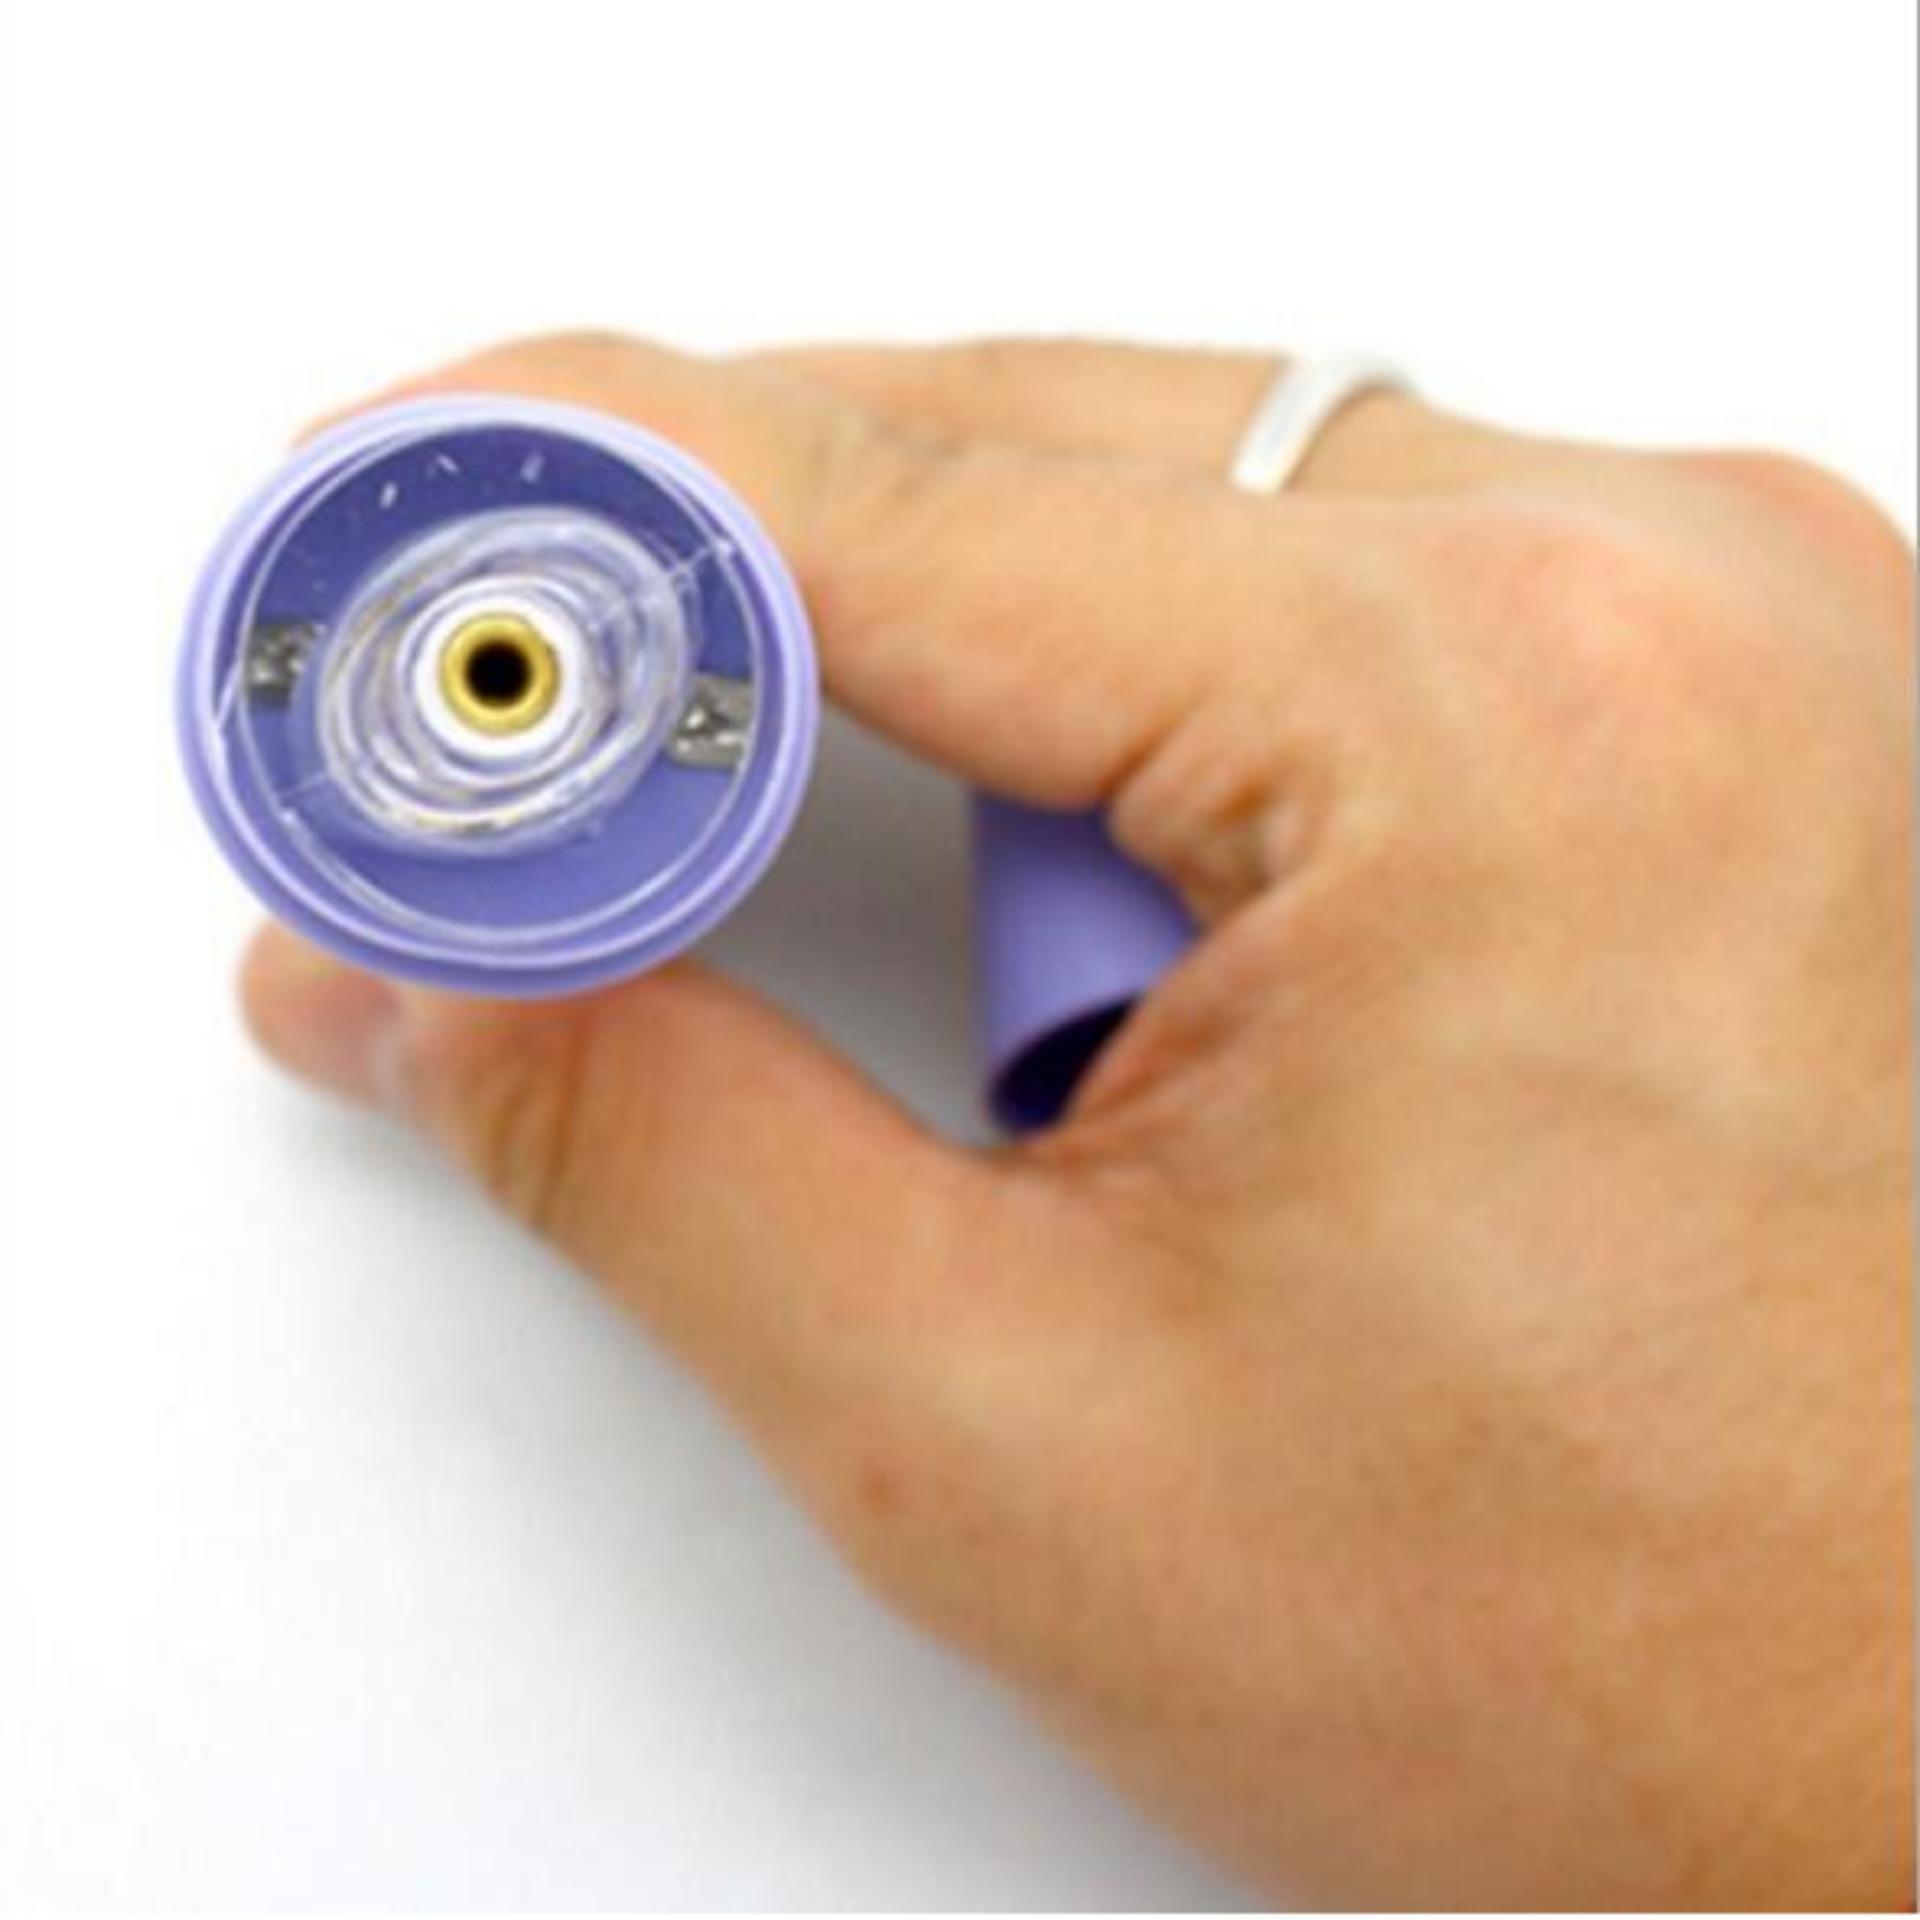 Pore Cleanser Penyedot Komedo Daftar Harga Terkini Dan Terlengkap Panasonic Face Eh 2513p Facial Cleaner Pembersih Wajah Praktis Brush Nose Skin